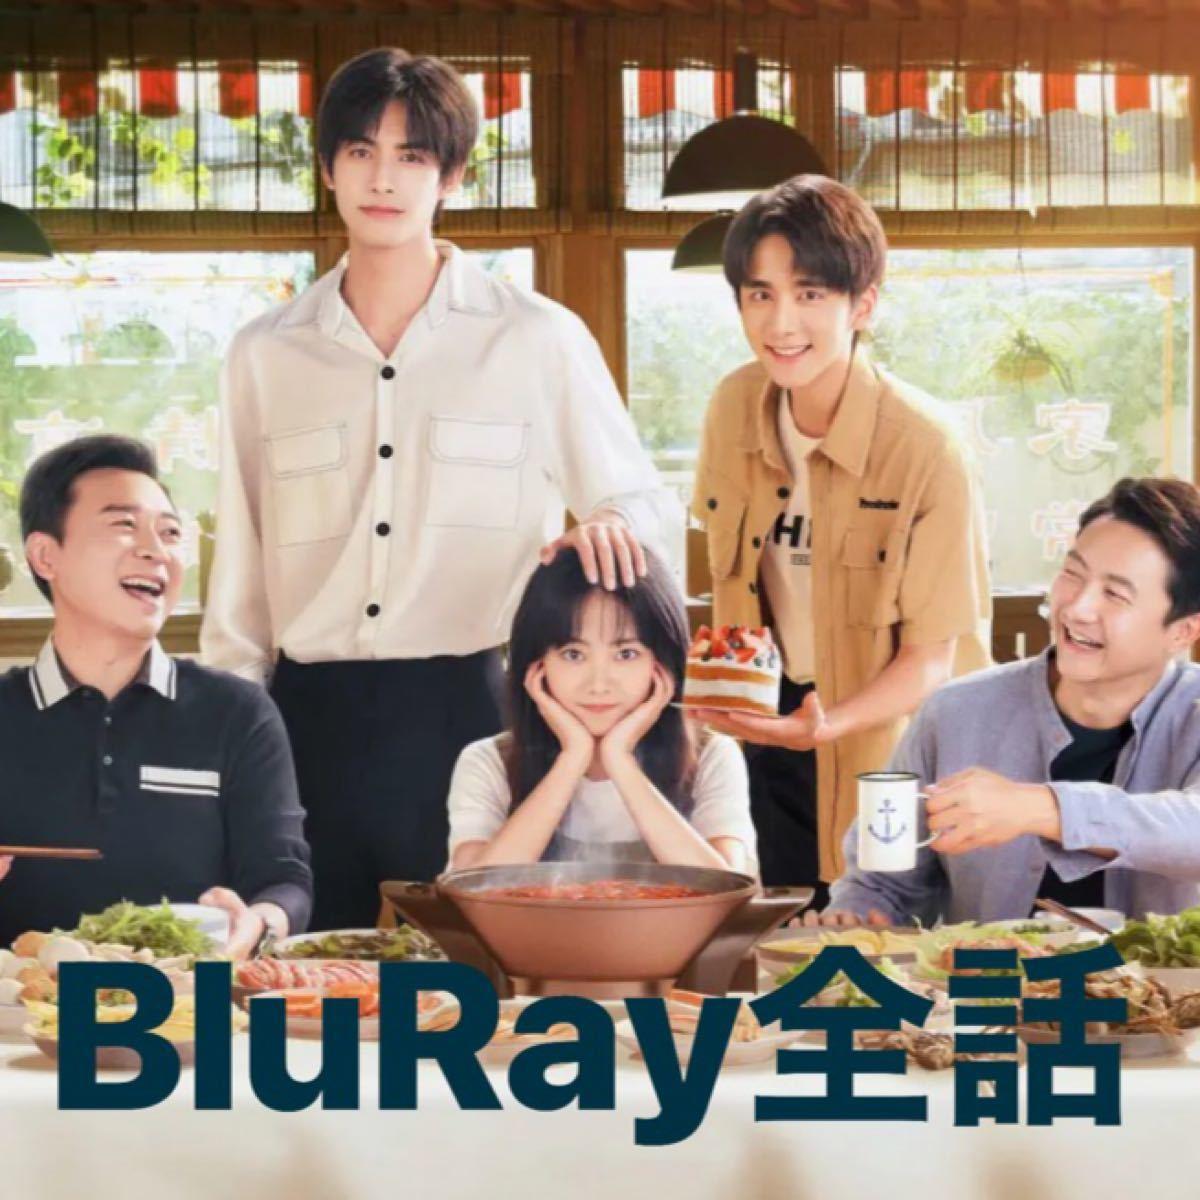 中国ドラマ 家族の名において BluRay全話 ☆画質良☆